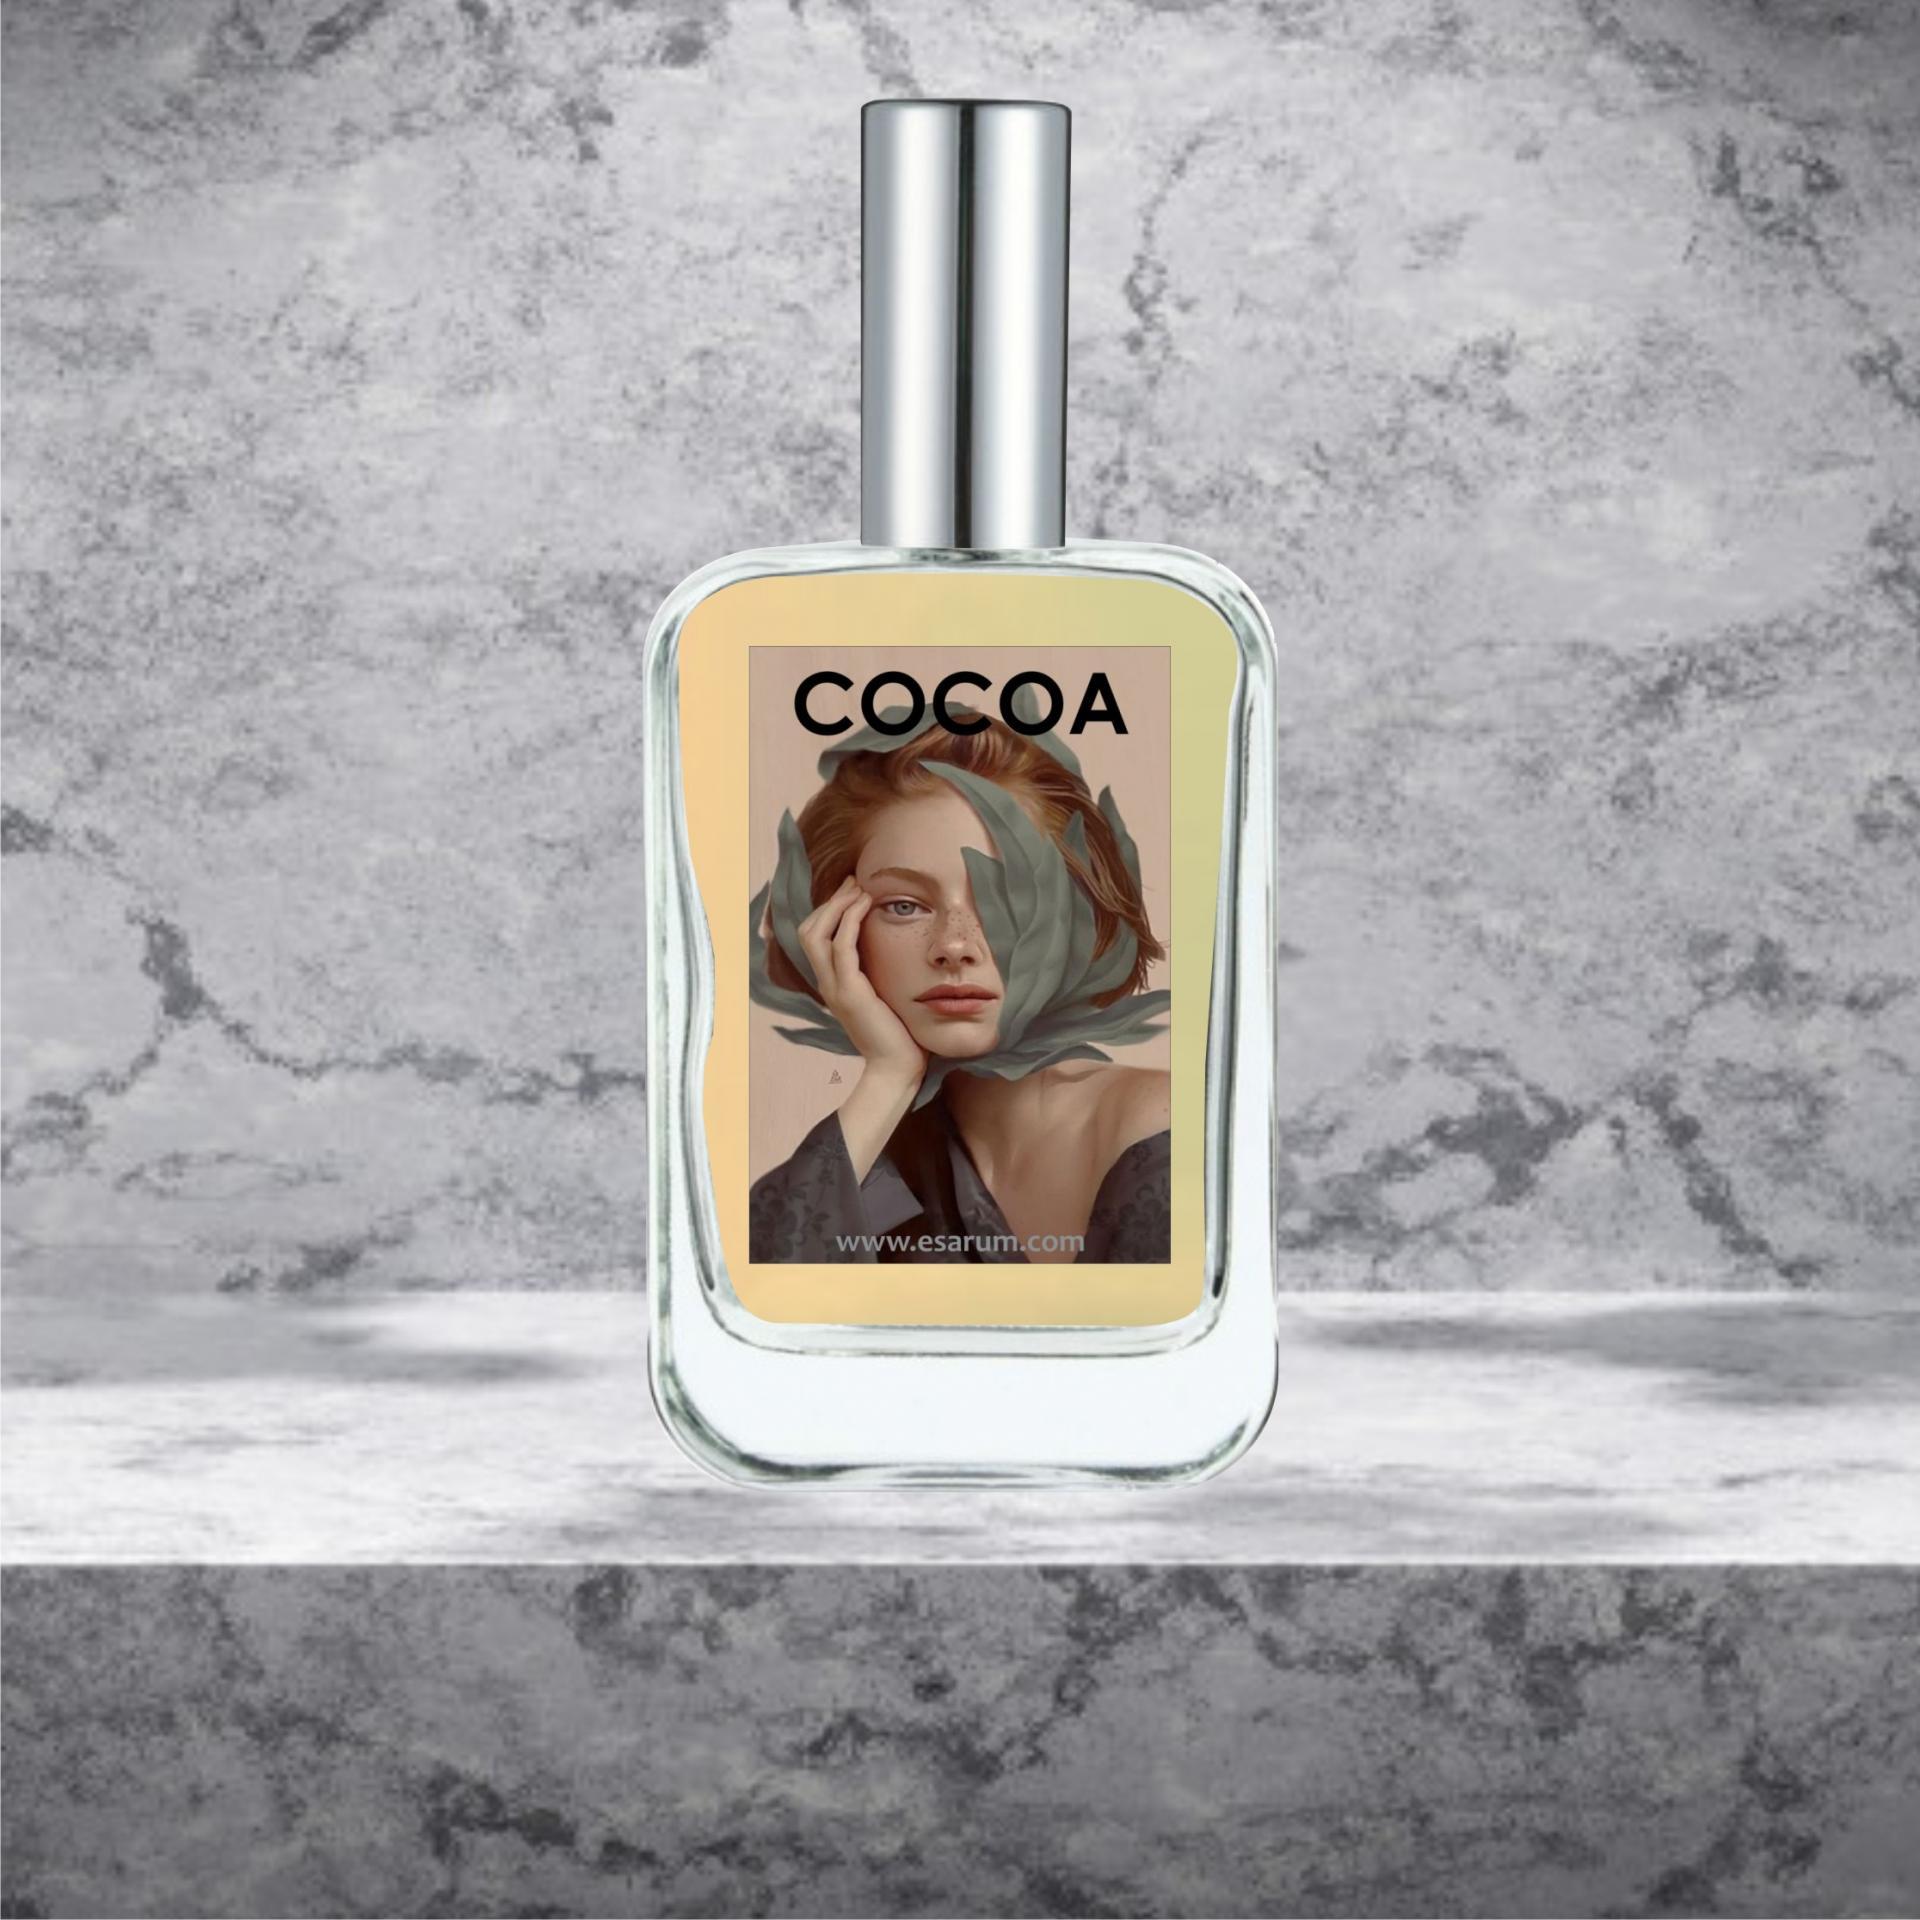 ESARUM.COM - COCOA PERFUME PERMANENTE, 50 ML. Si te gusta COCO CHANEL !